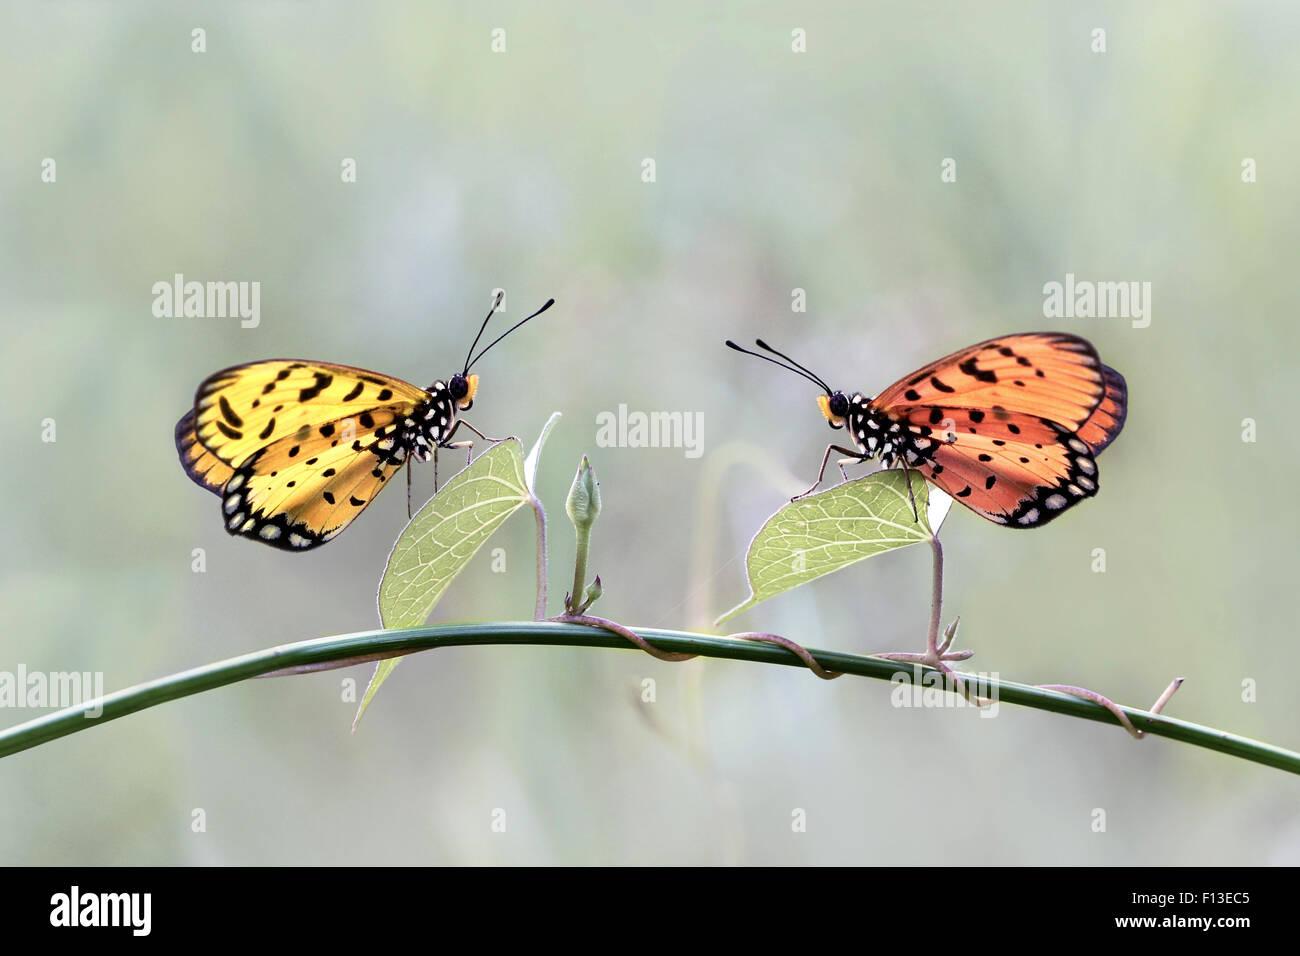 Deux papillons sur une plante Photo Stock